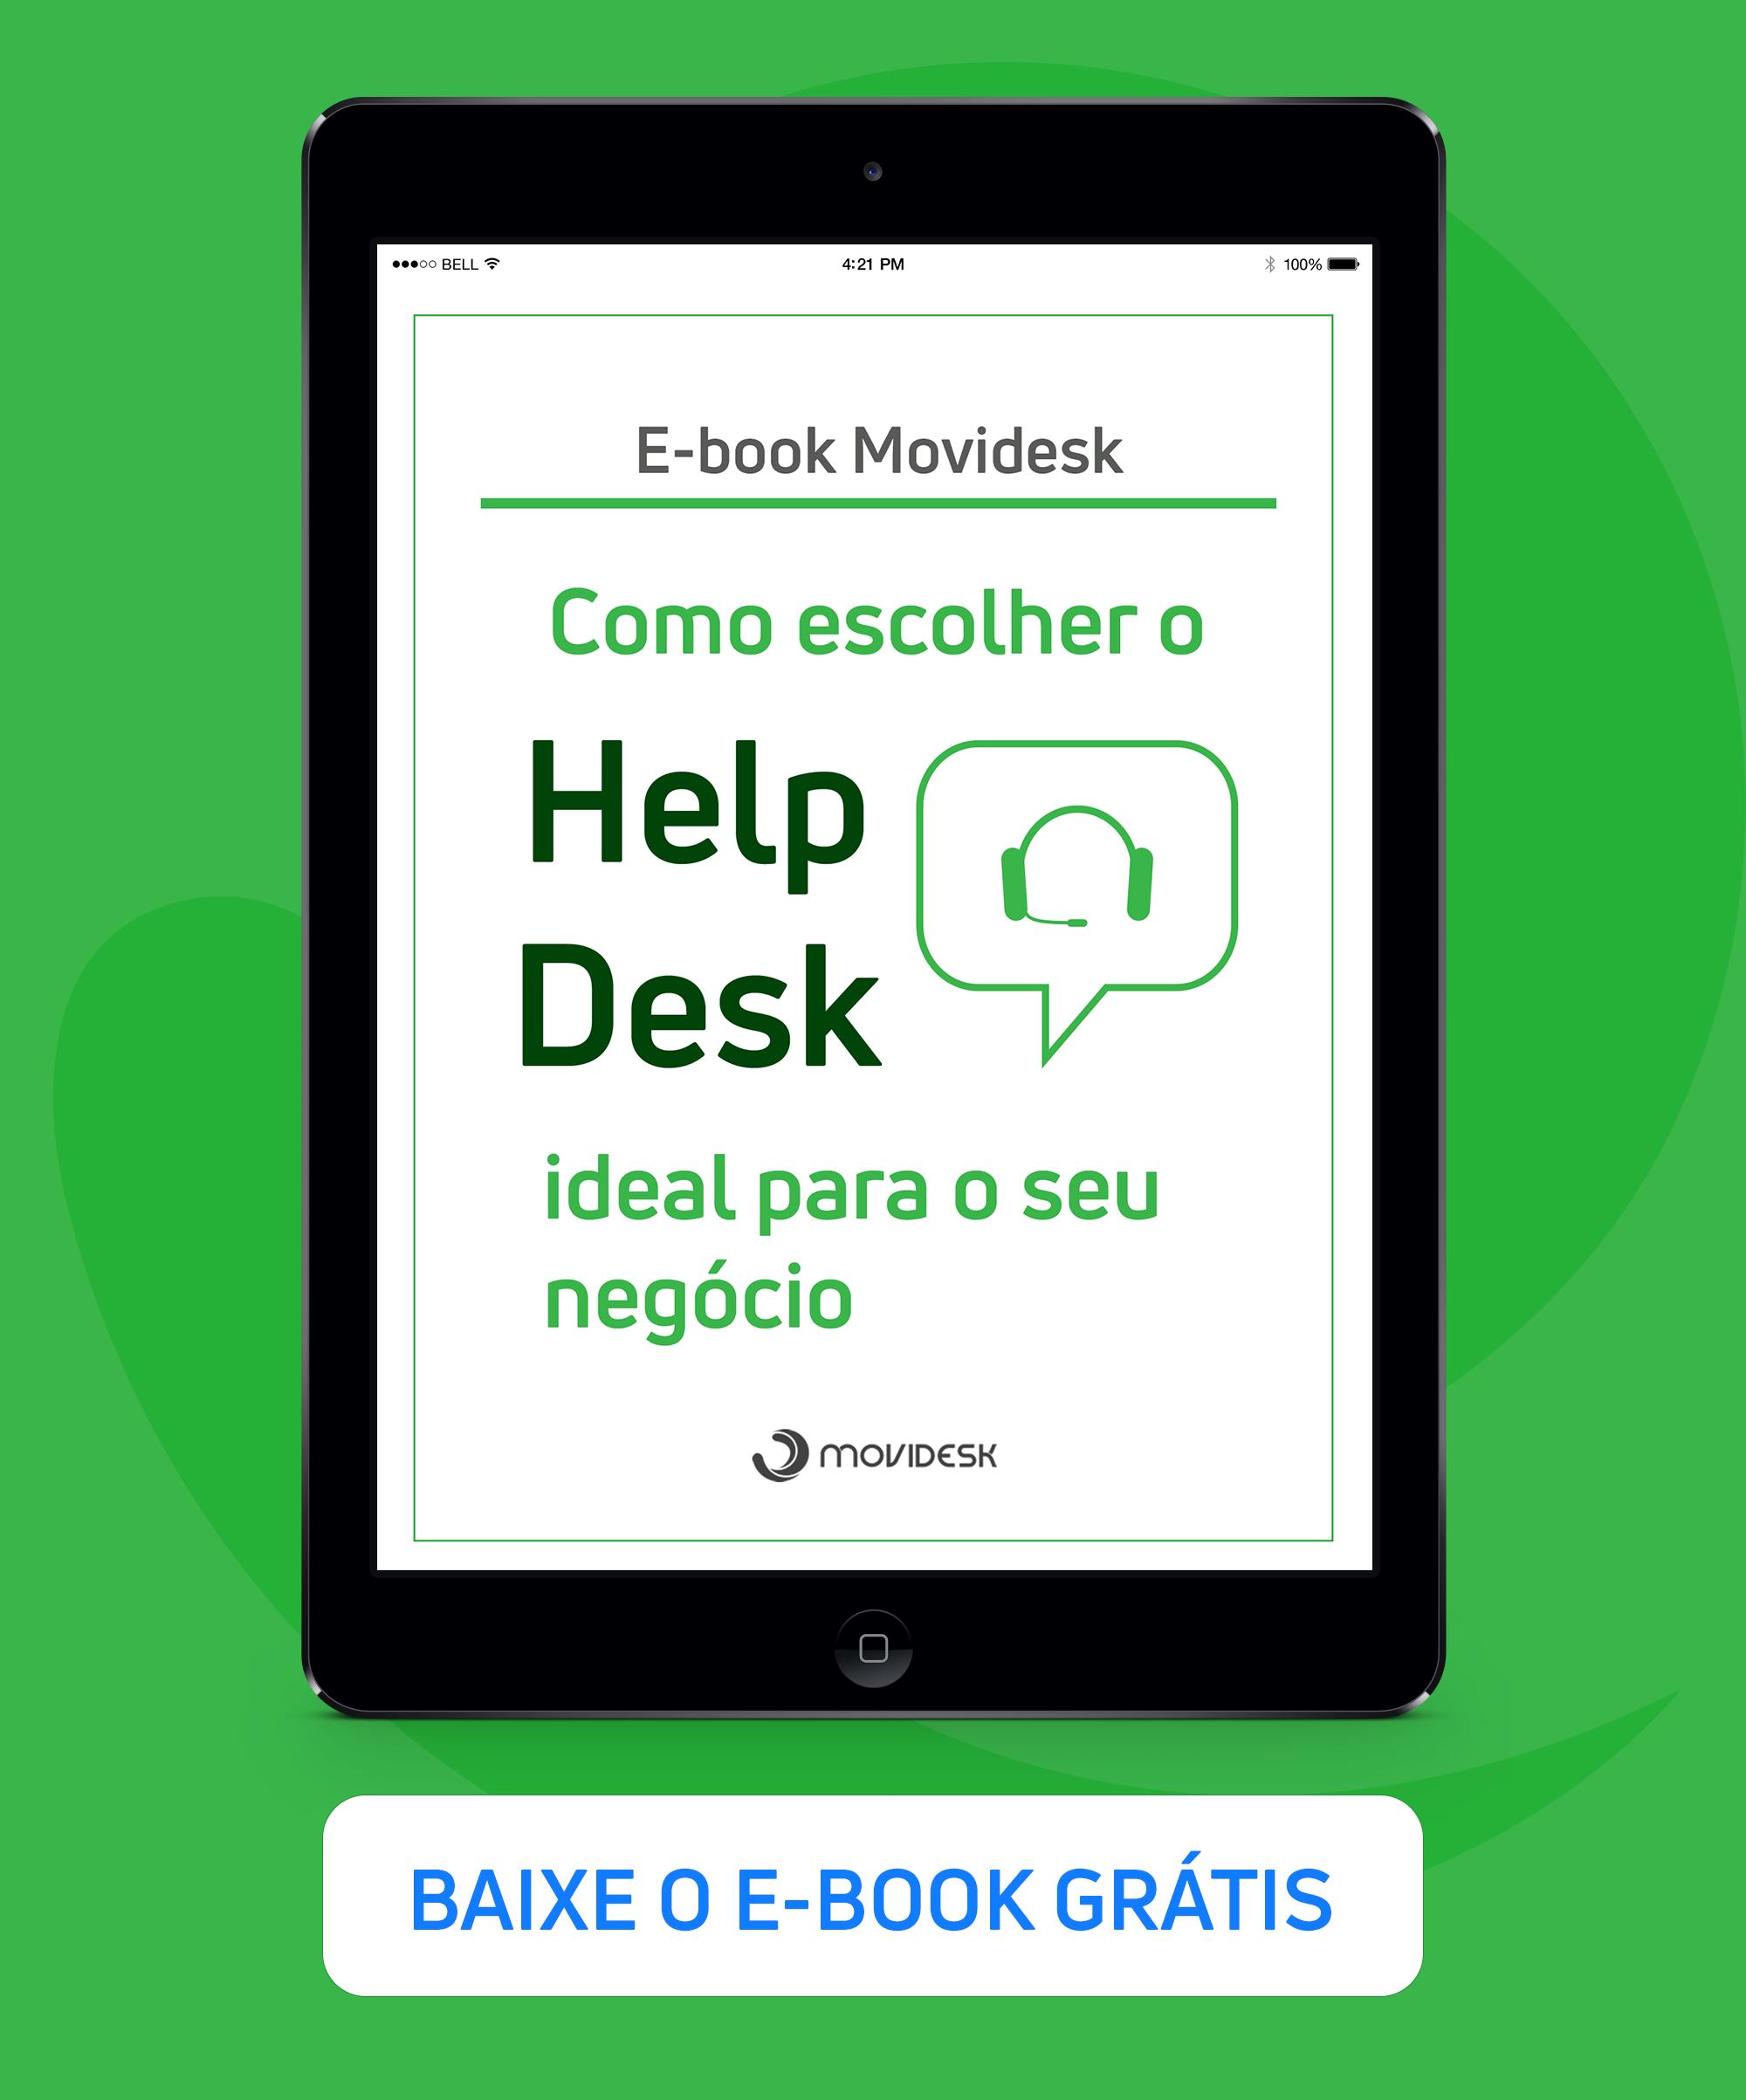 banner-slide-bar - como escolher o help desk